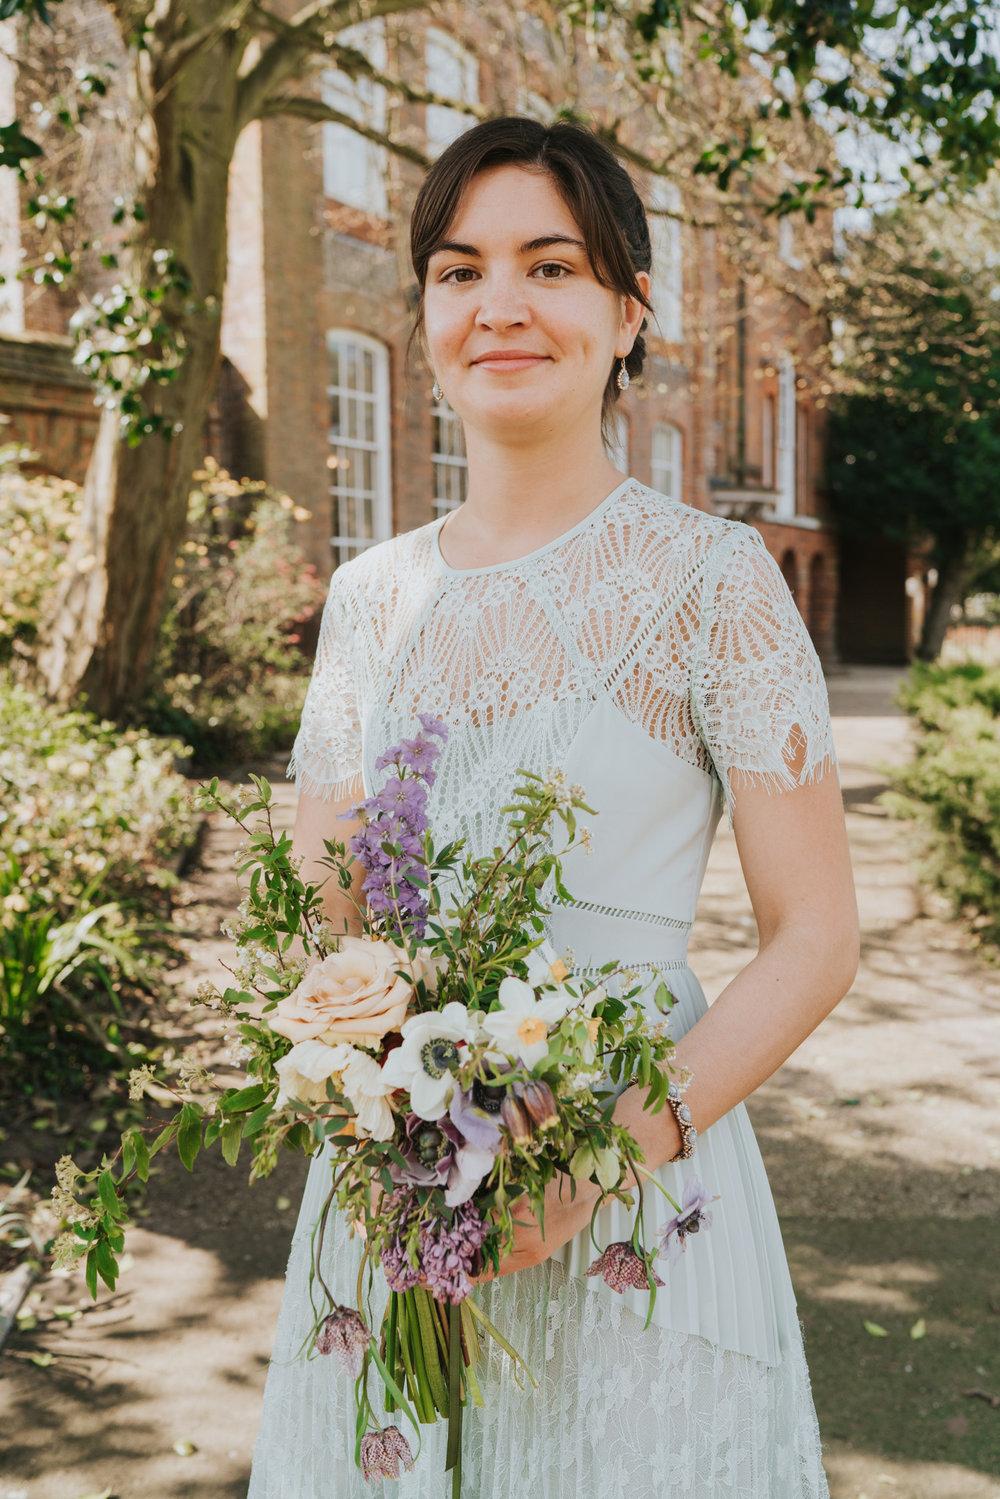 Will-Rhiannon-Art-Deco-Alterative-Essex-Wedding-Suffolk-Grace-Elizabeth-55.jpg